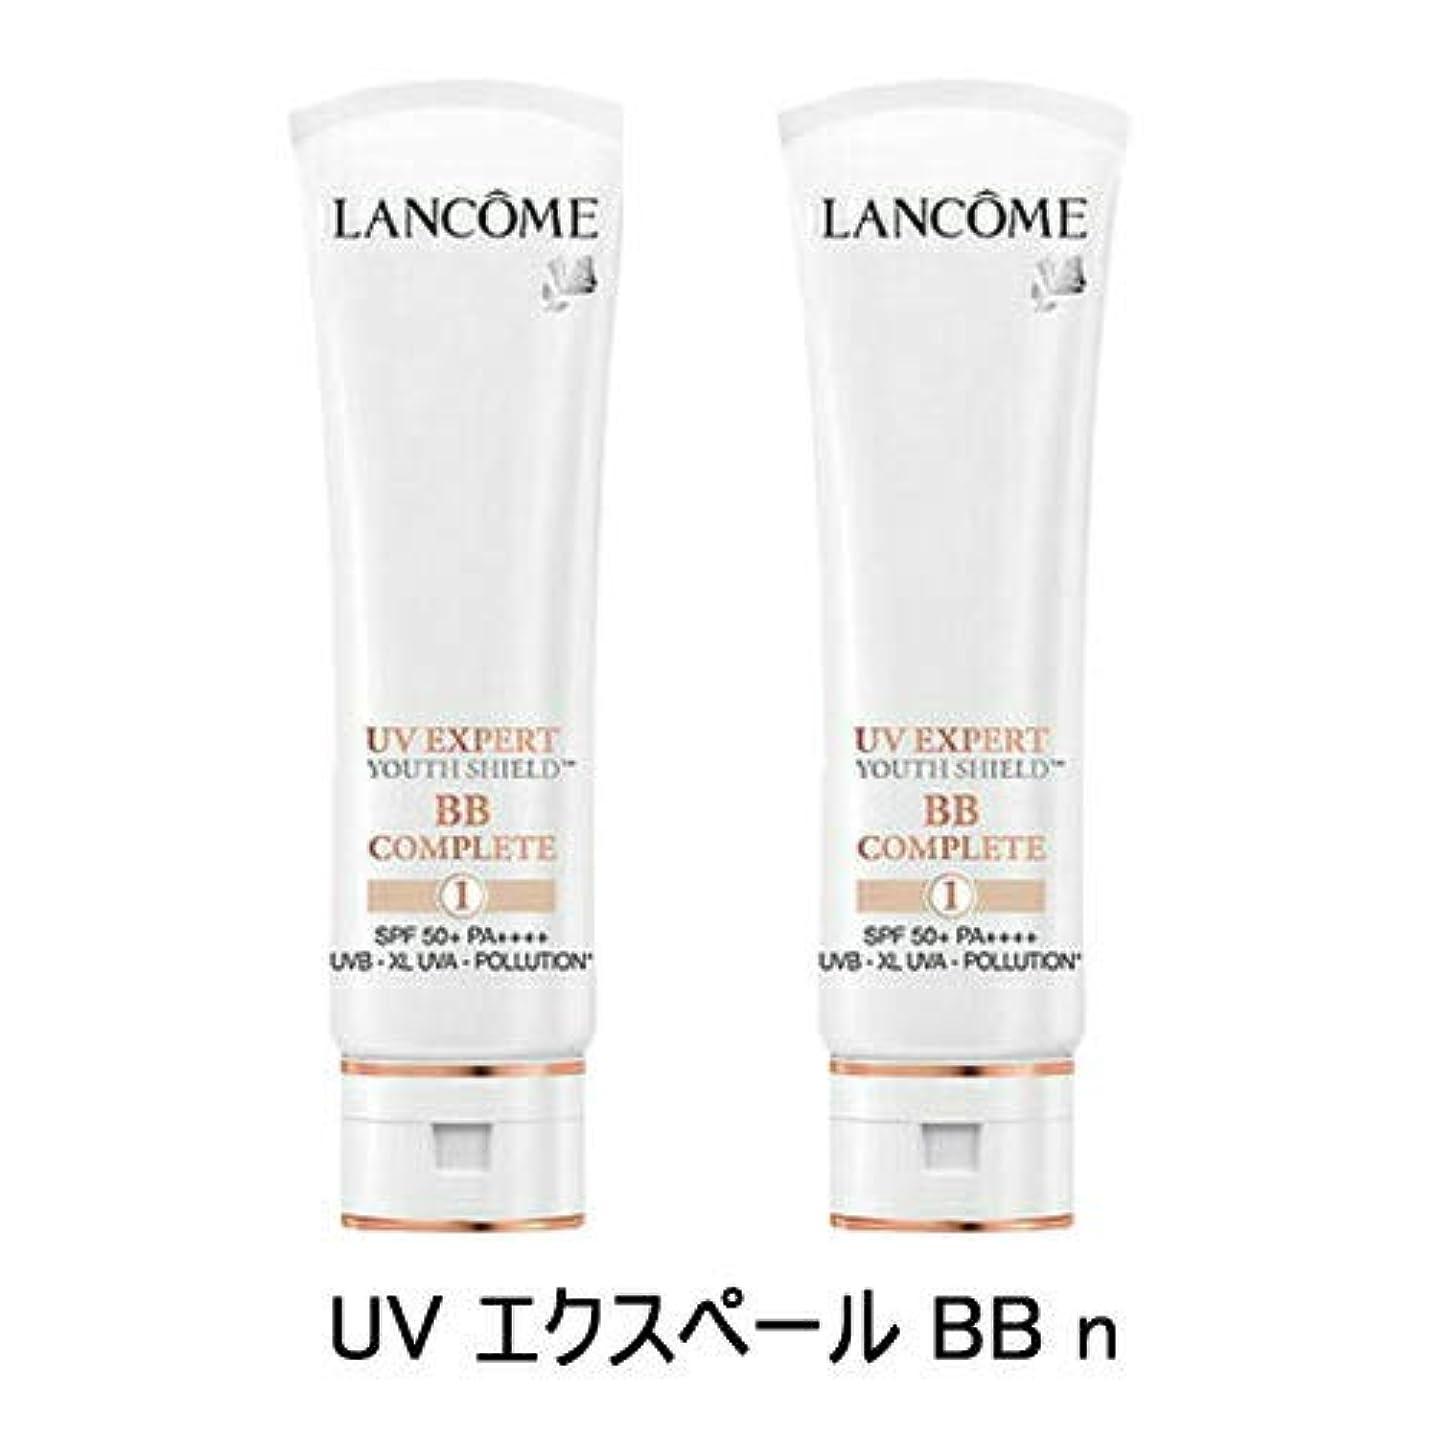 補充モニター油【2本セット】ランコム UV エクスペール BB n SPF50+/PA++++ [並行輸入品]